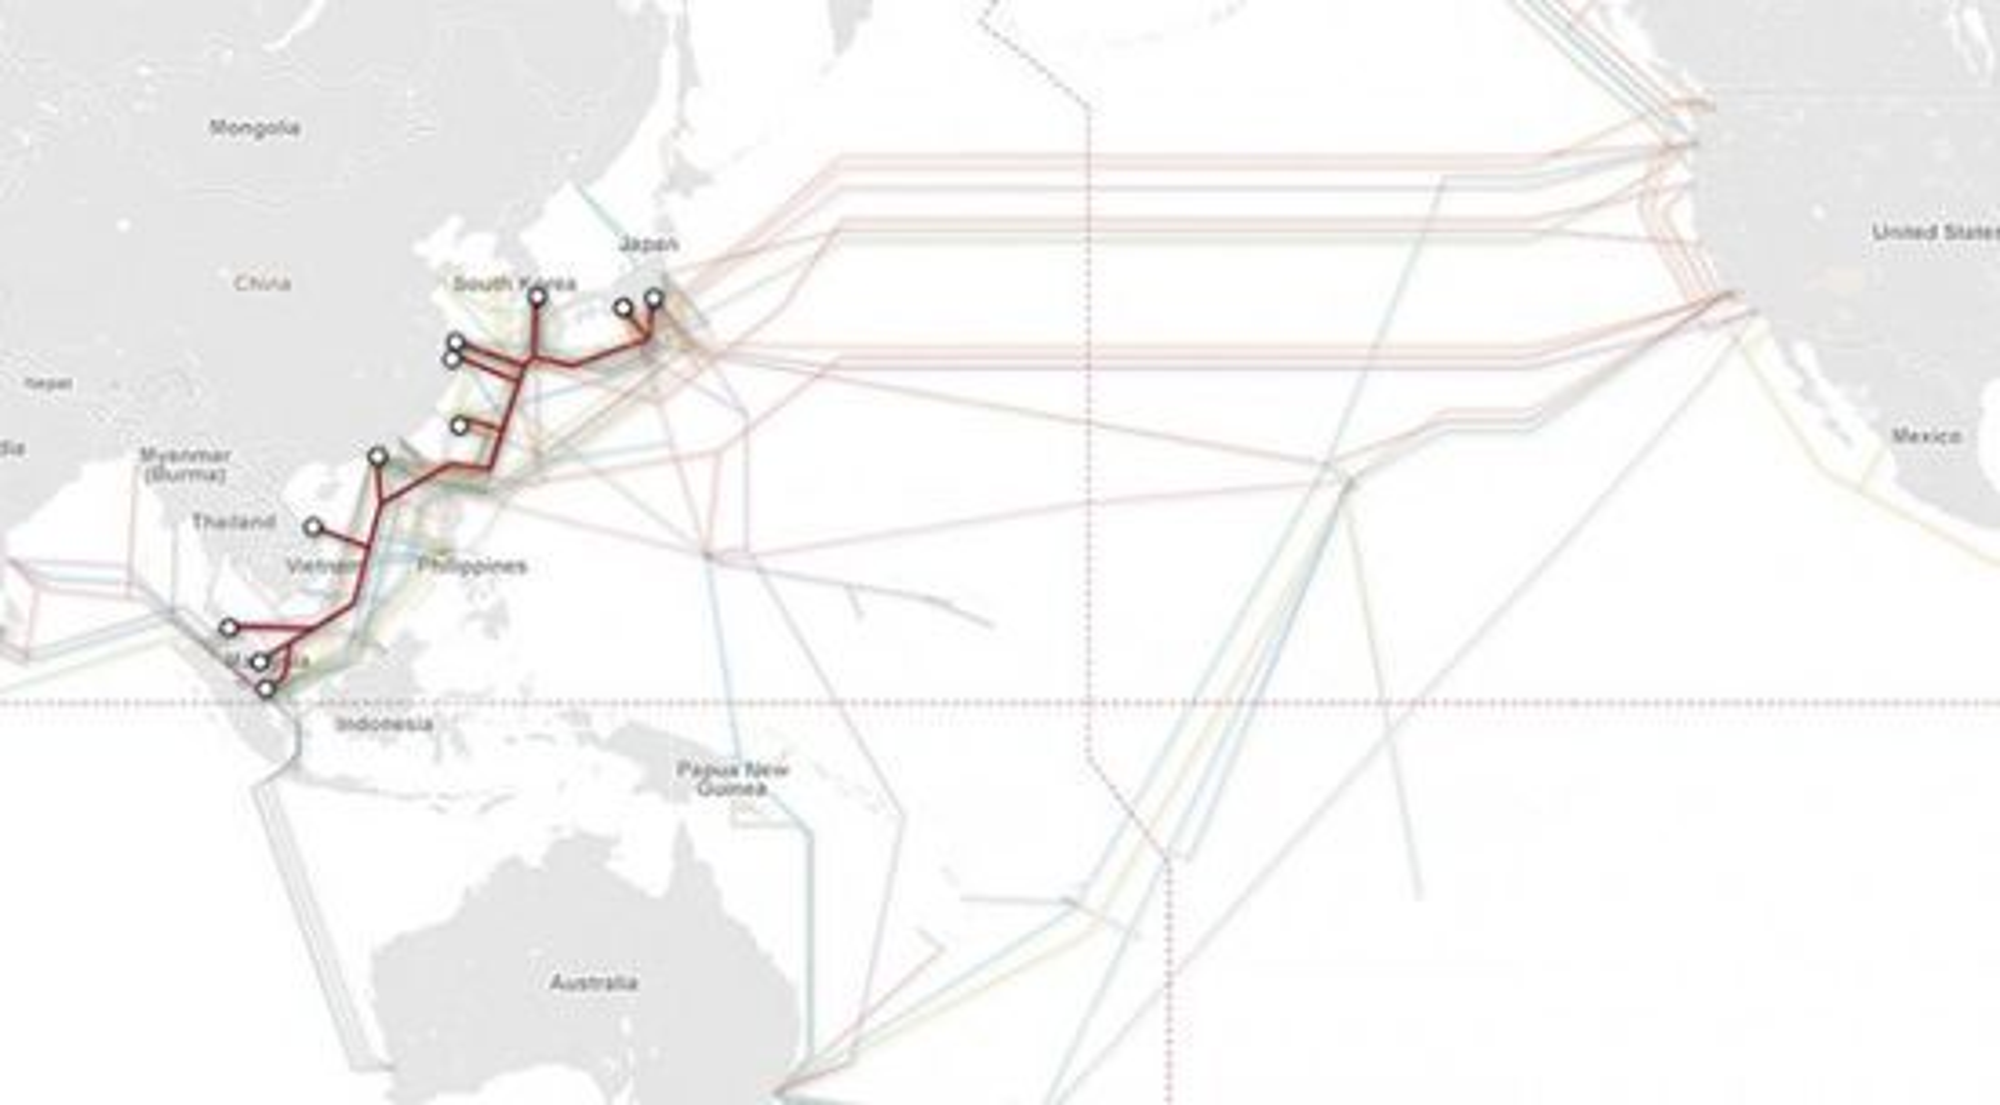 Slik forholder APG seg til andre undersjøiske fiberkabler i området Sørøst-Asia og Stillehavet.